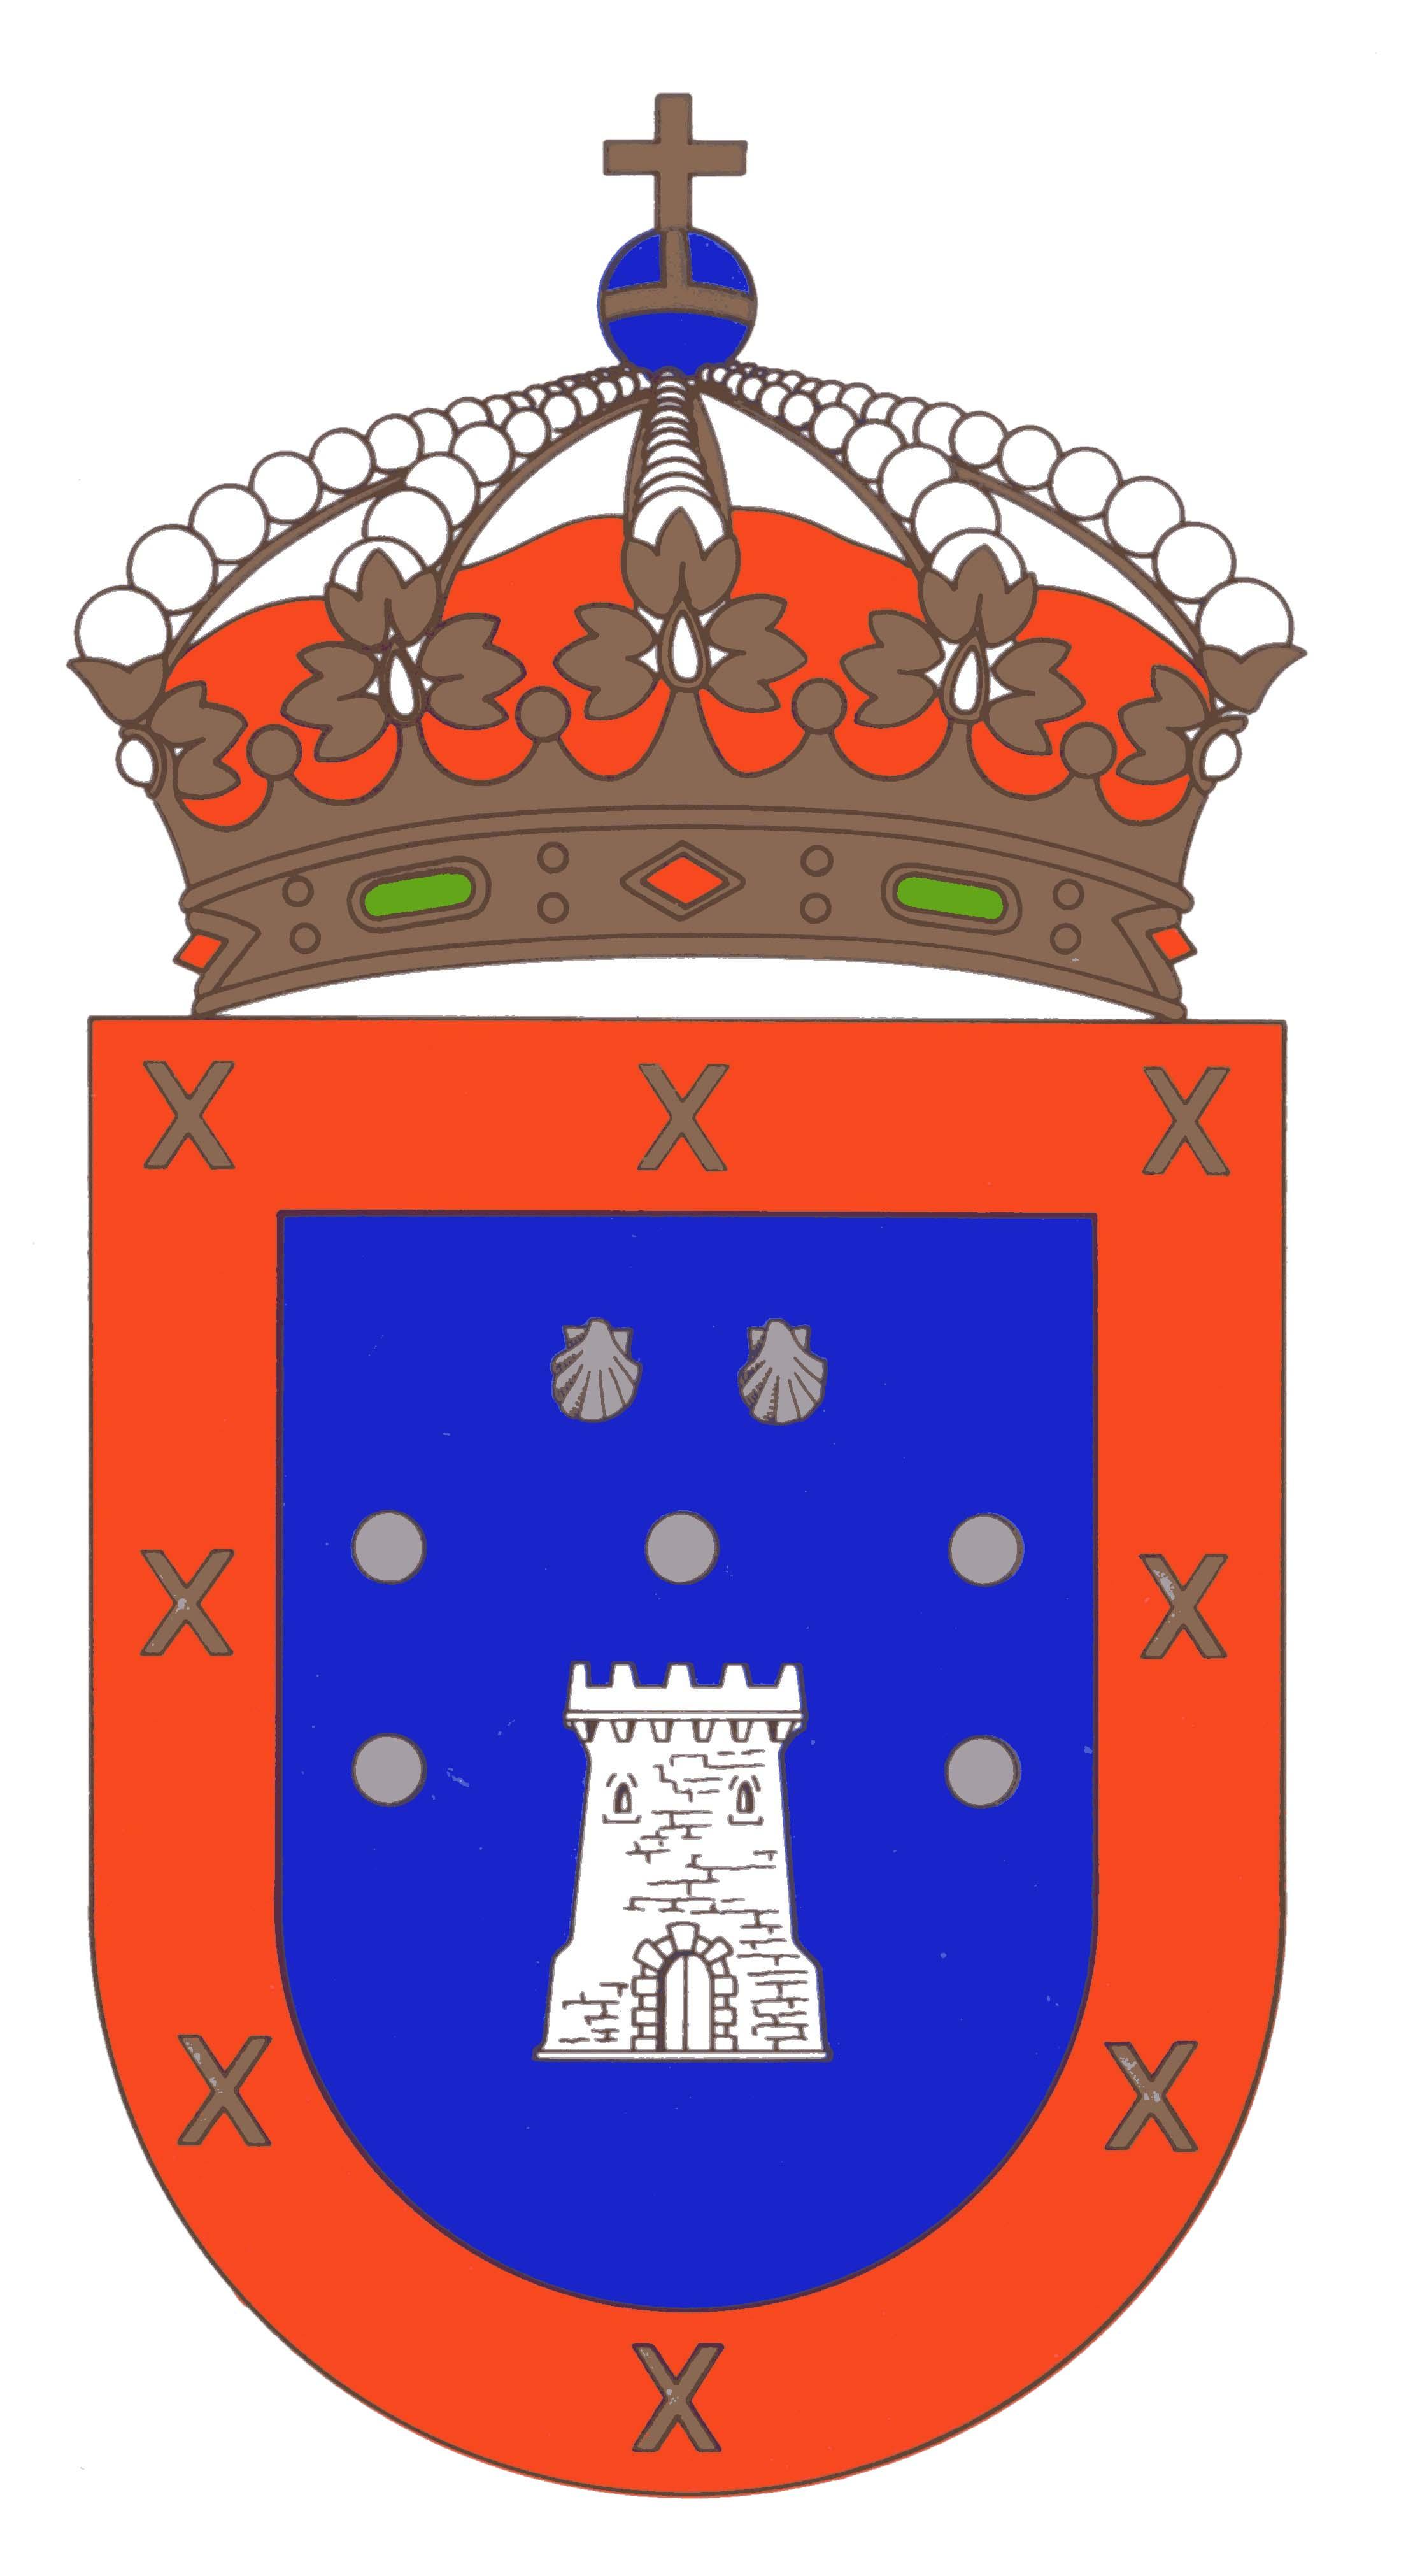 Escudo coroa2